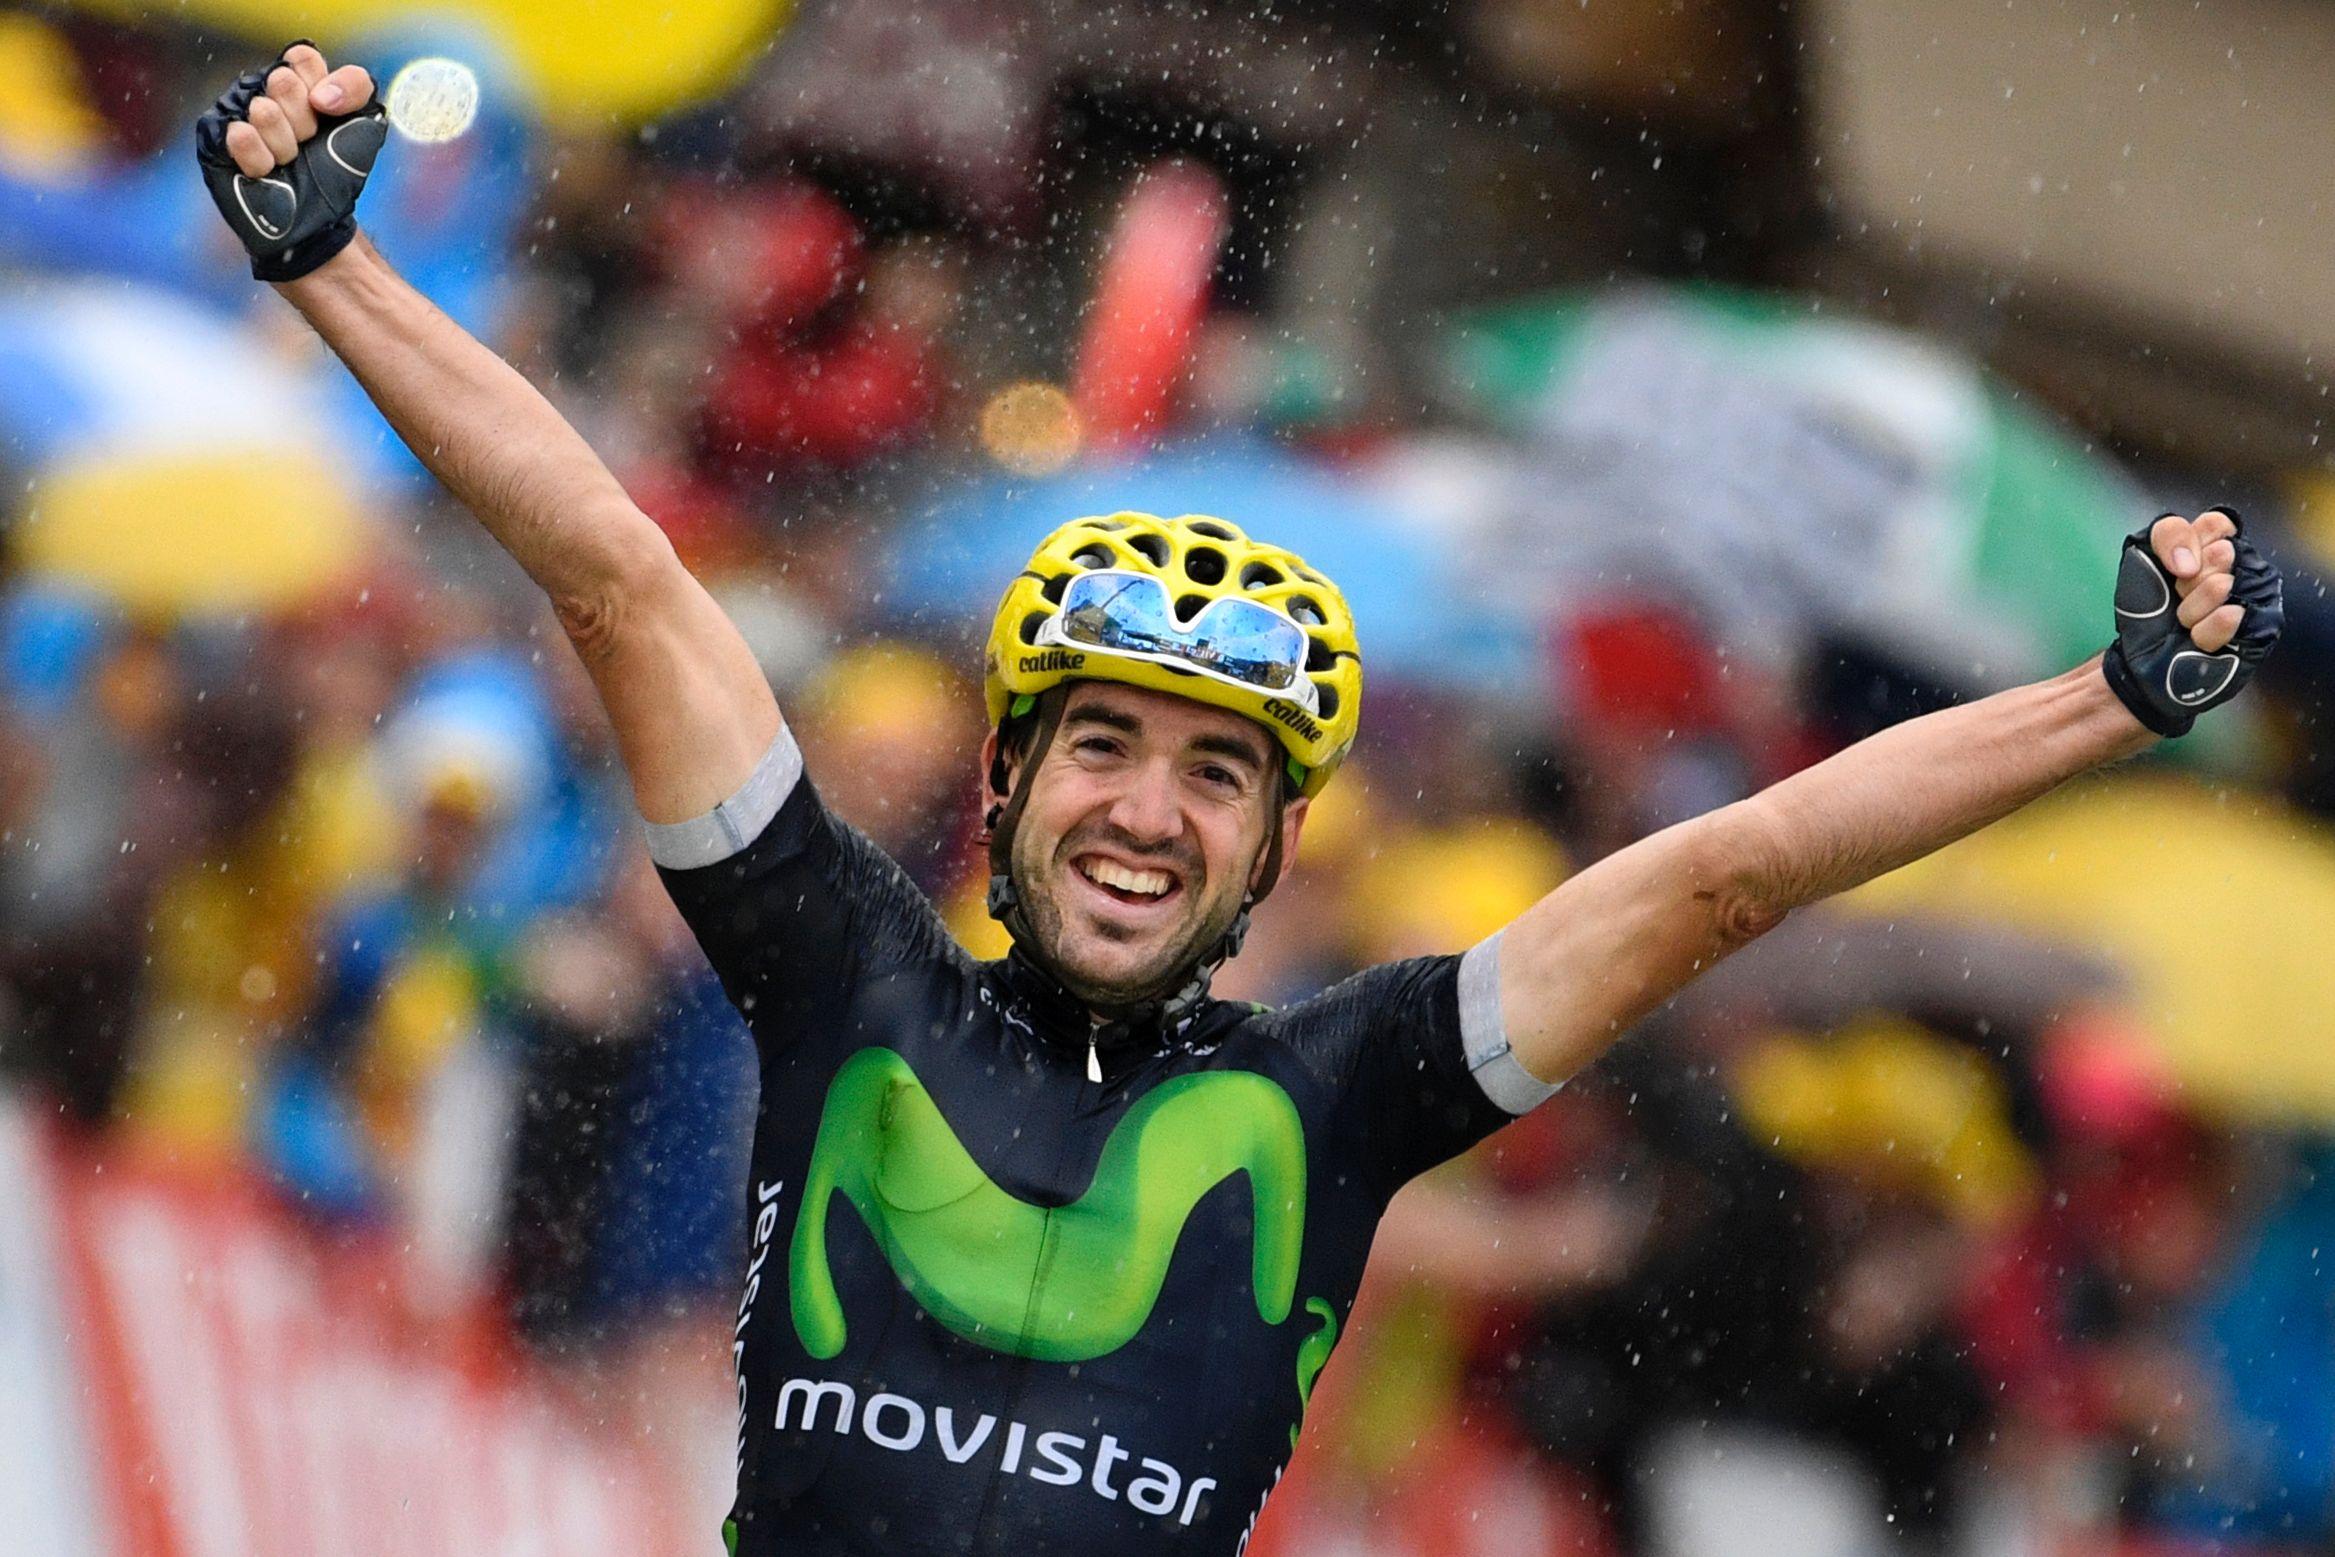 Première victoire d'étape espagnole sur le Tour 2016. (photo AFP)